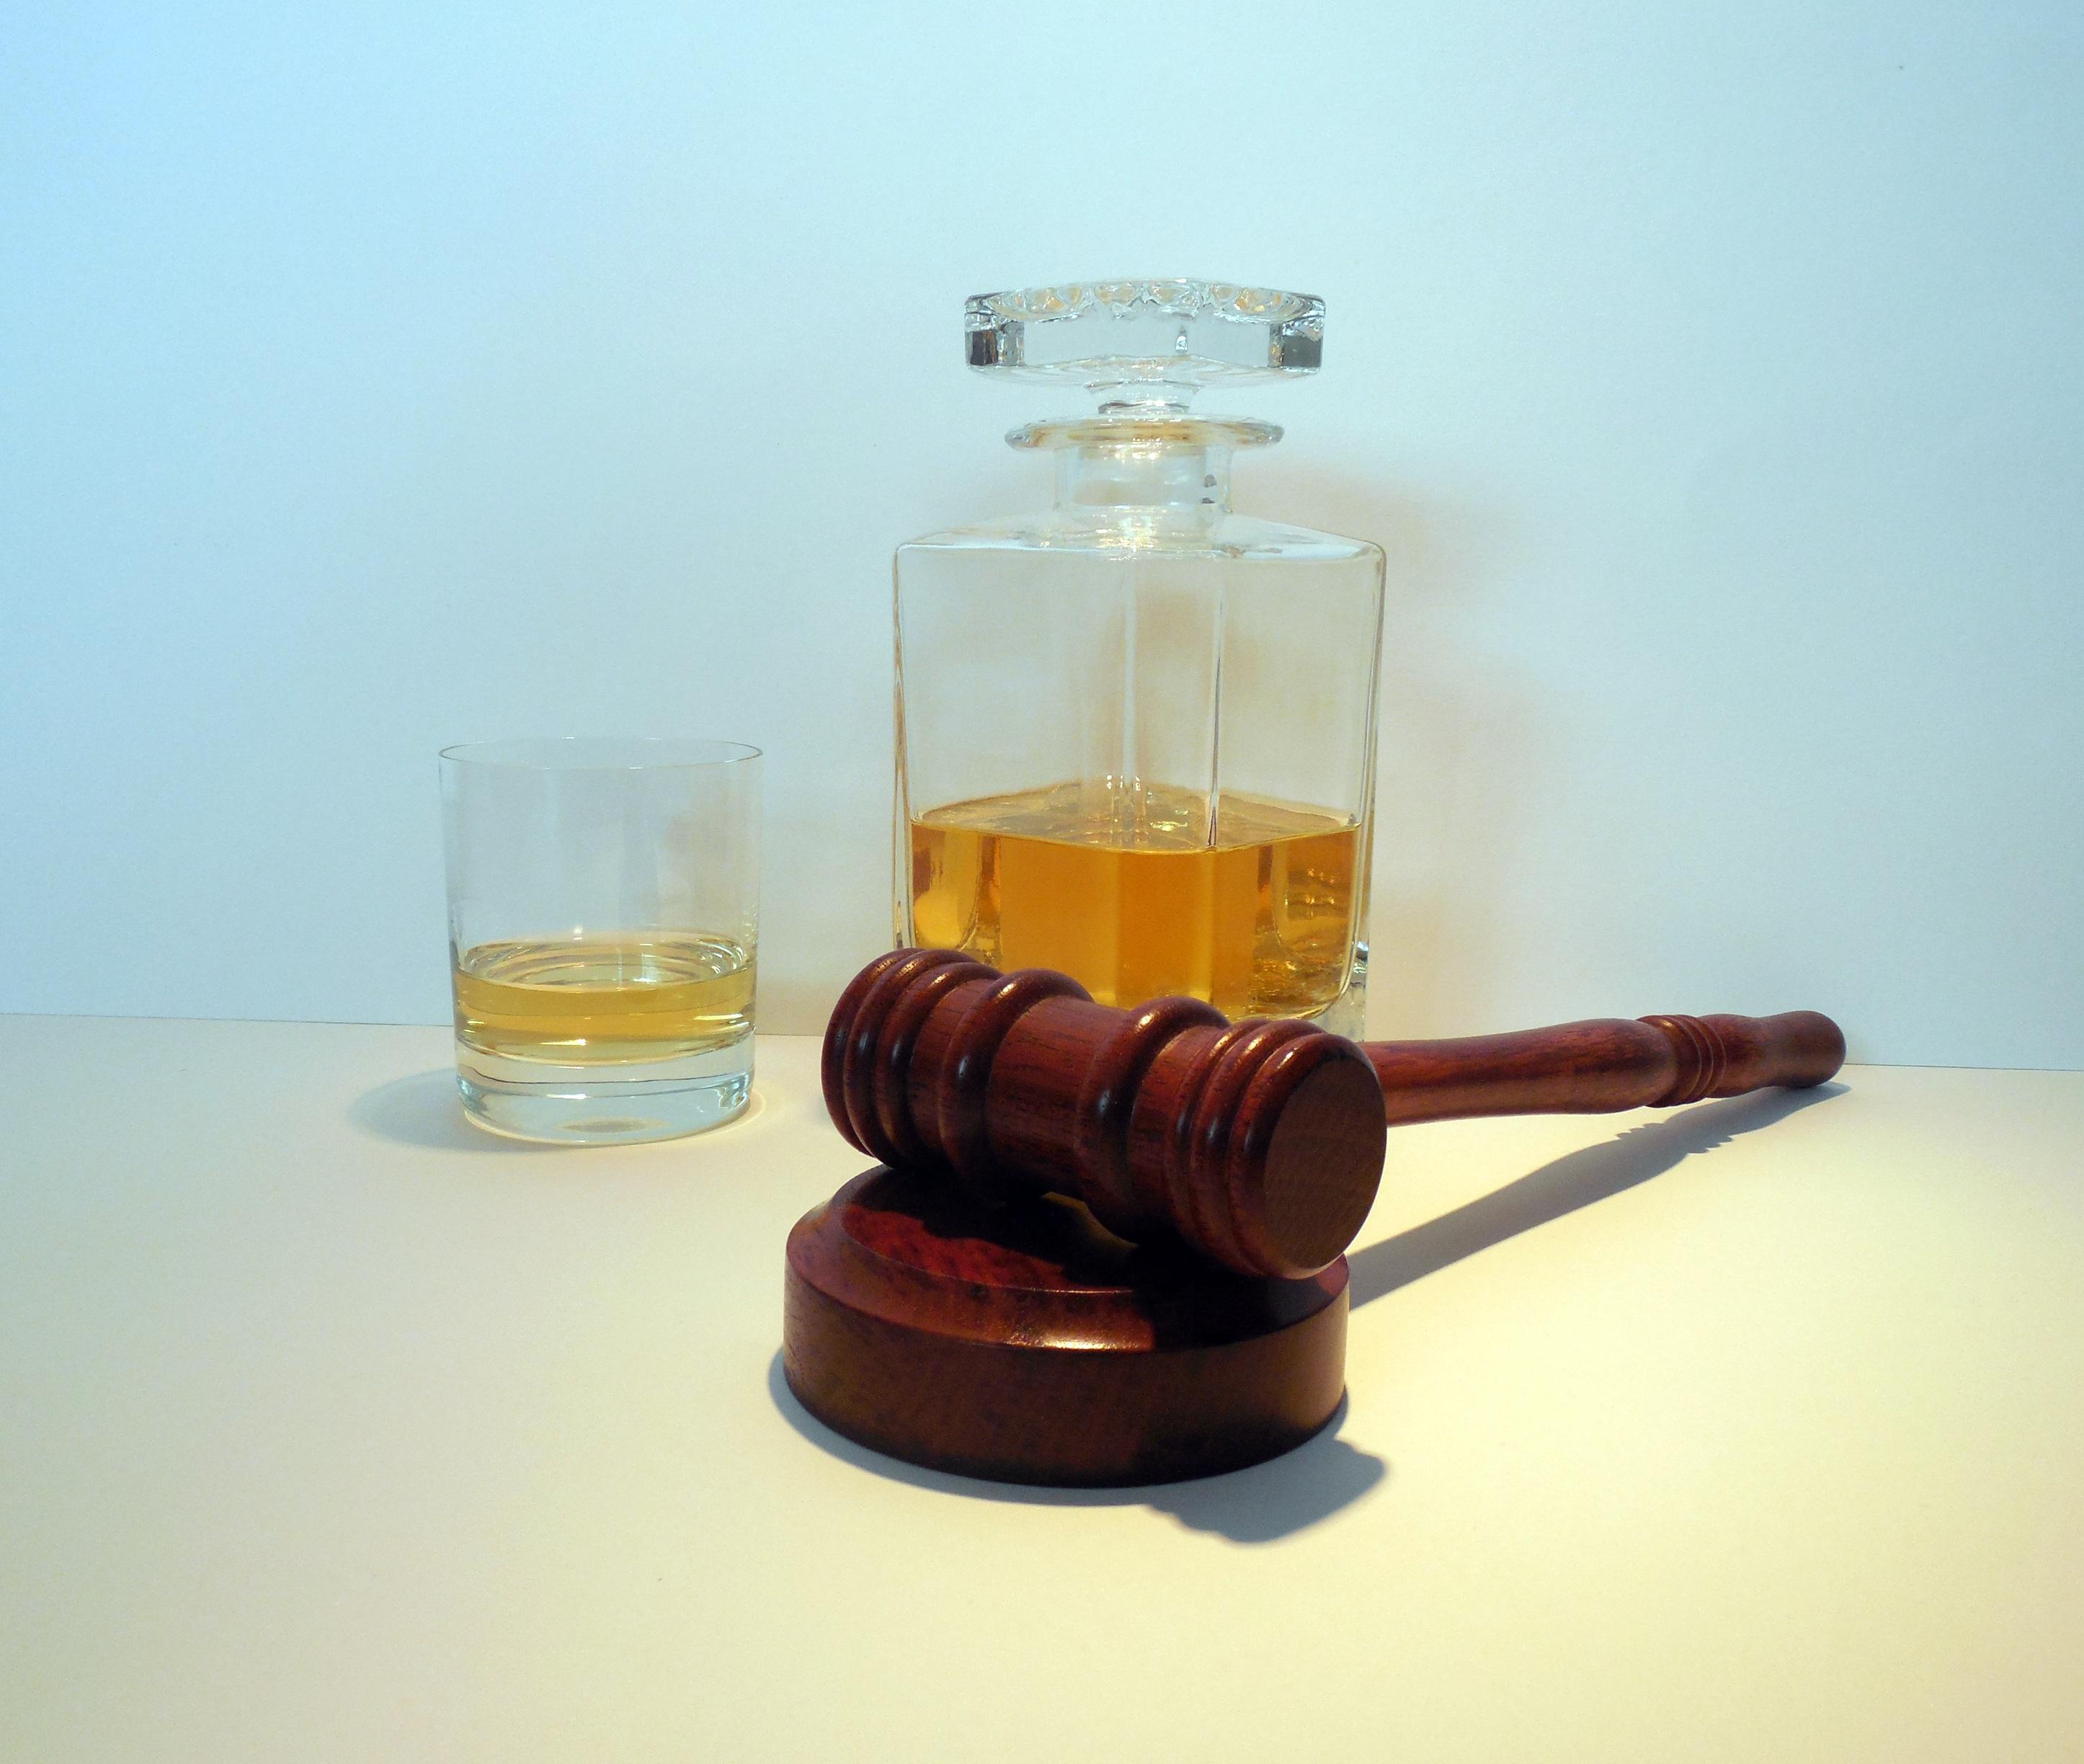 Kostenlose foto : Glas, Bar, Hammer, Getränk, Flasche, Beleuchtung ...